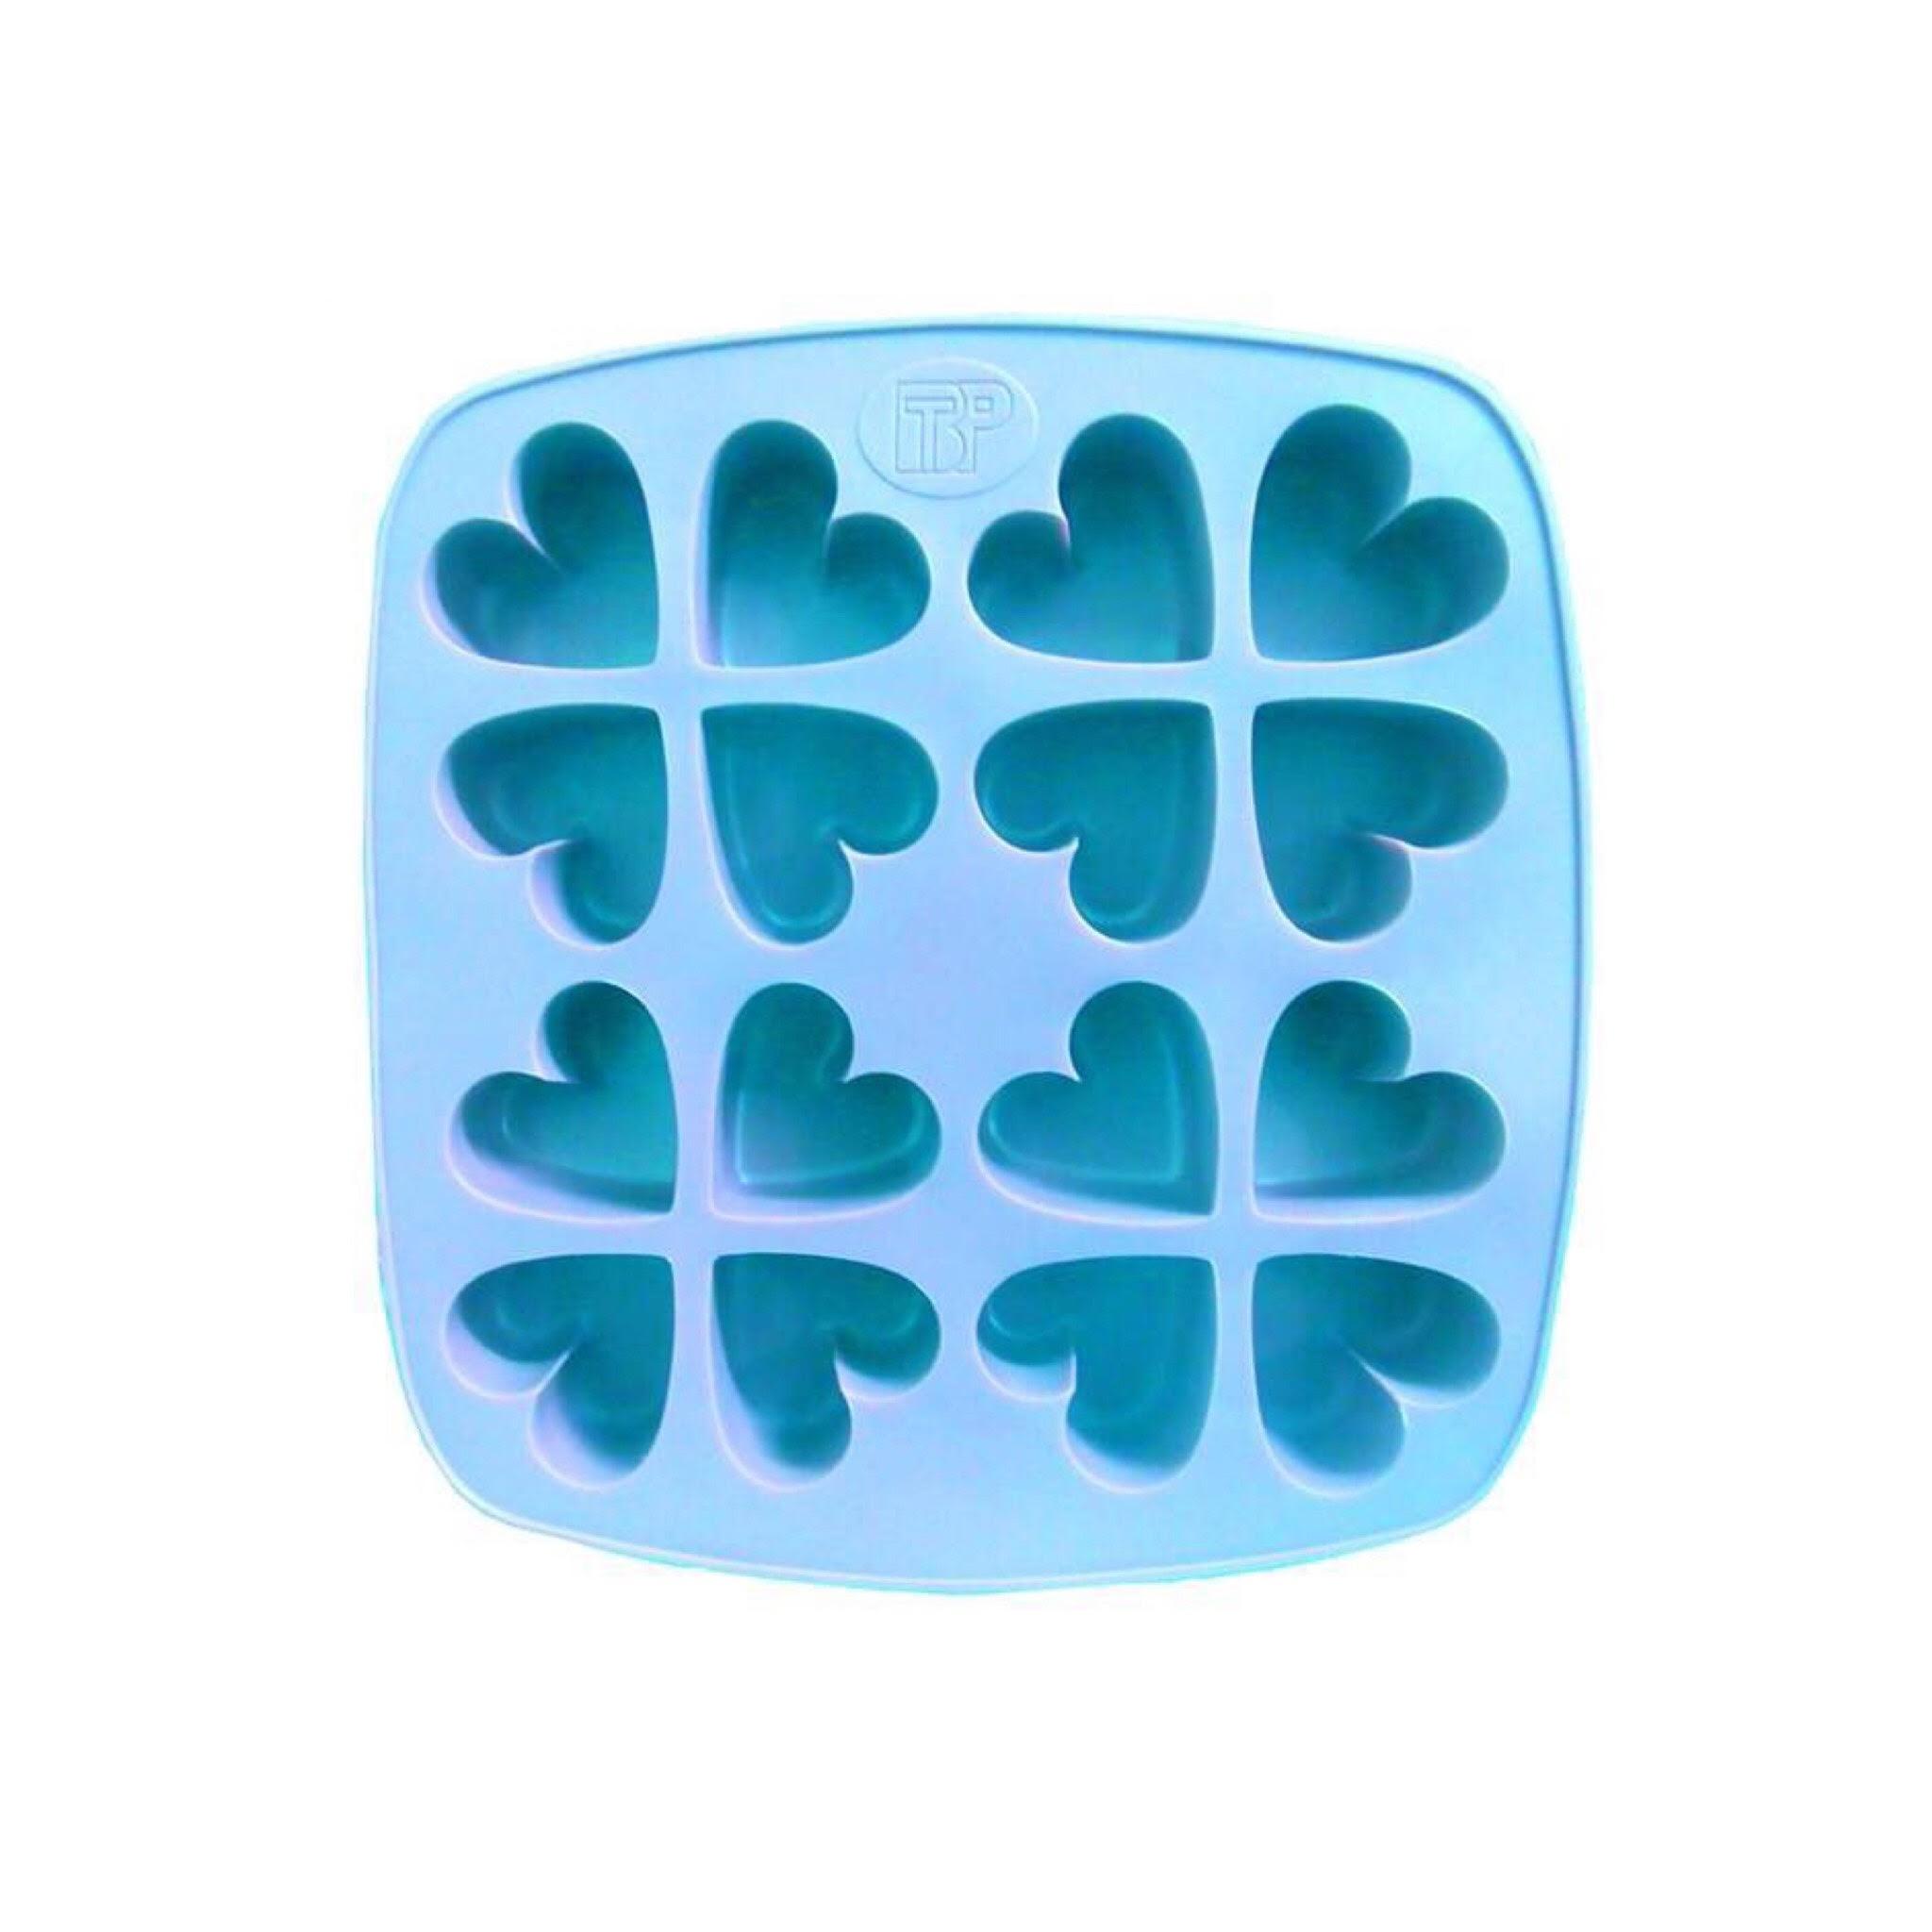 ظرف قالب یخ و کیک و ژله کد 0022 قلب